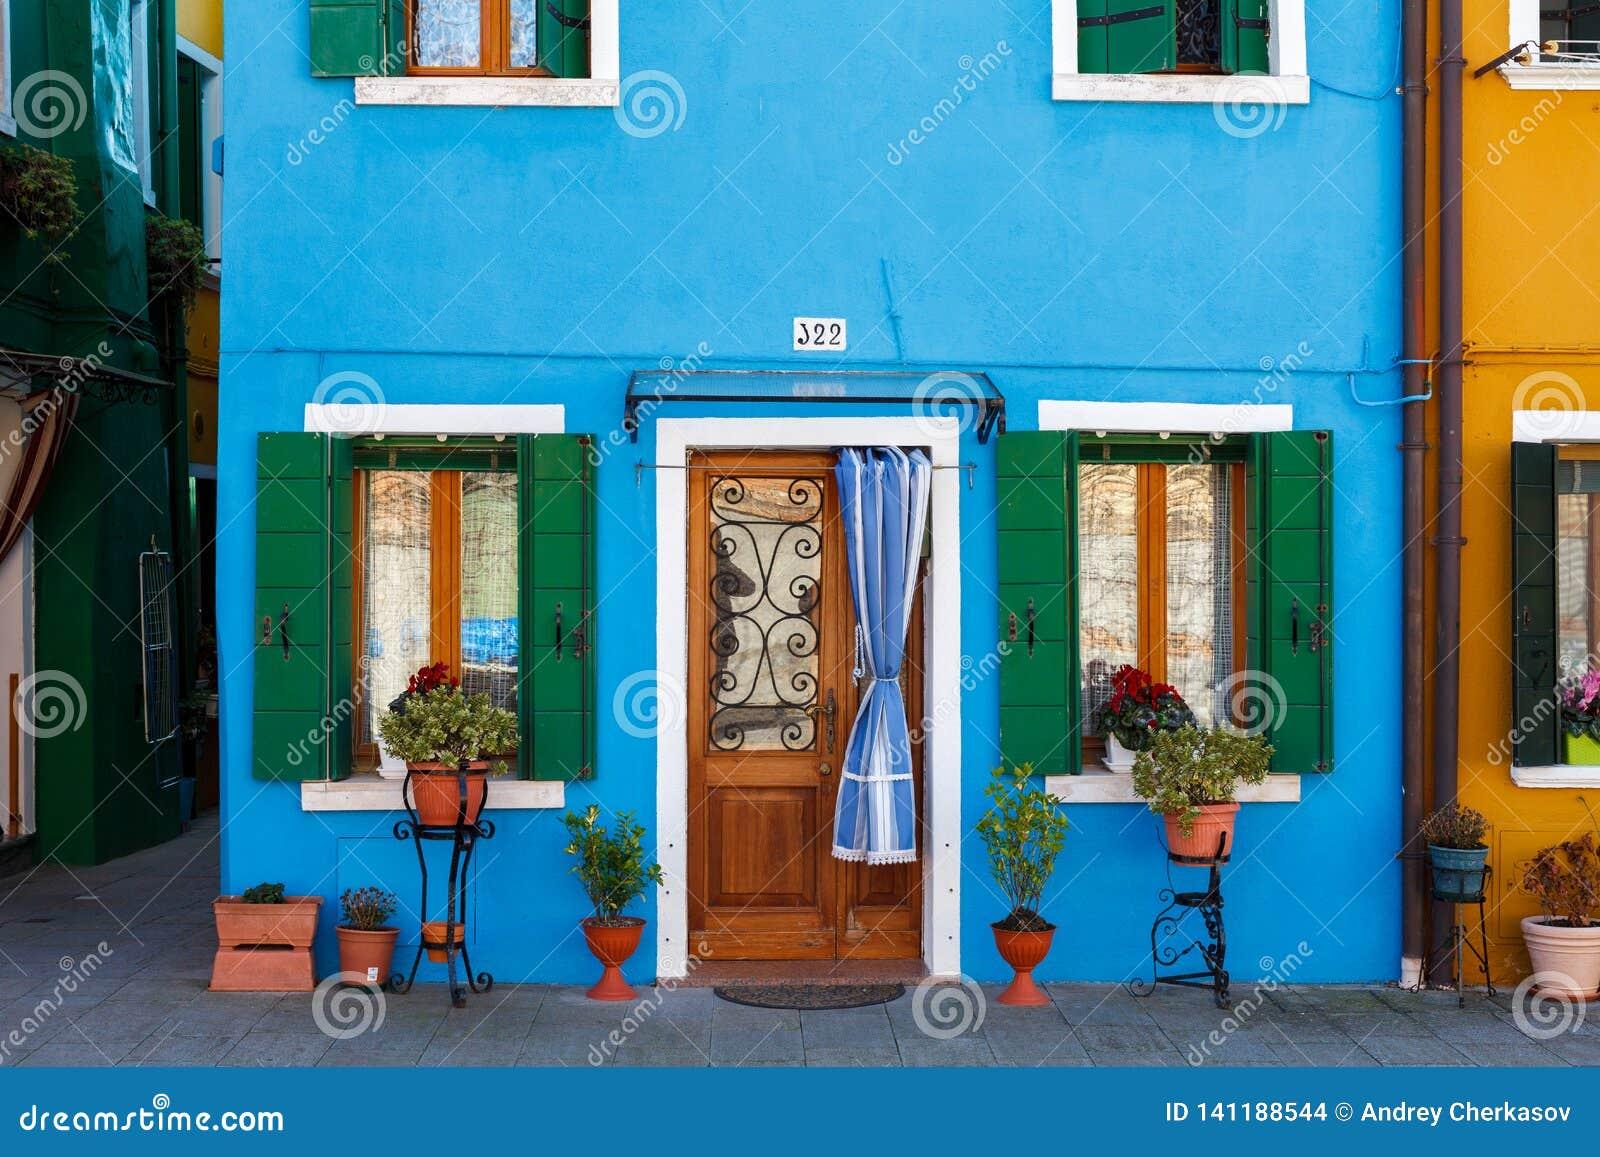 Burano, Venezia, Italie Détails des fenêtres et des portes des maisons colorées en île de Burano